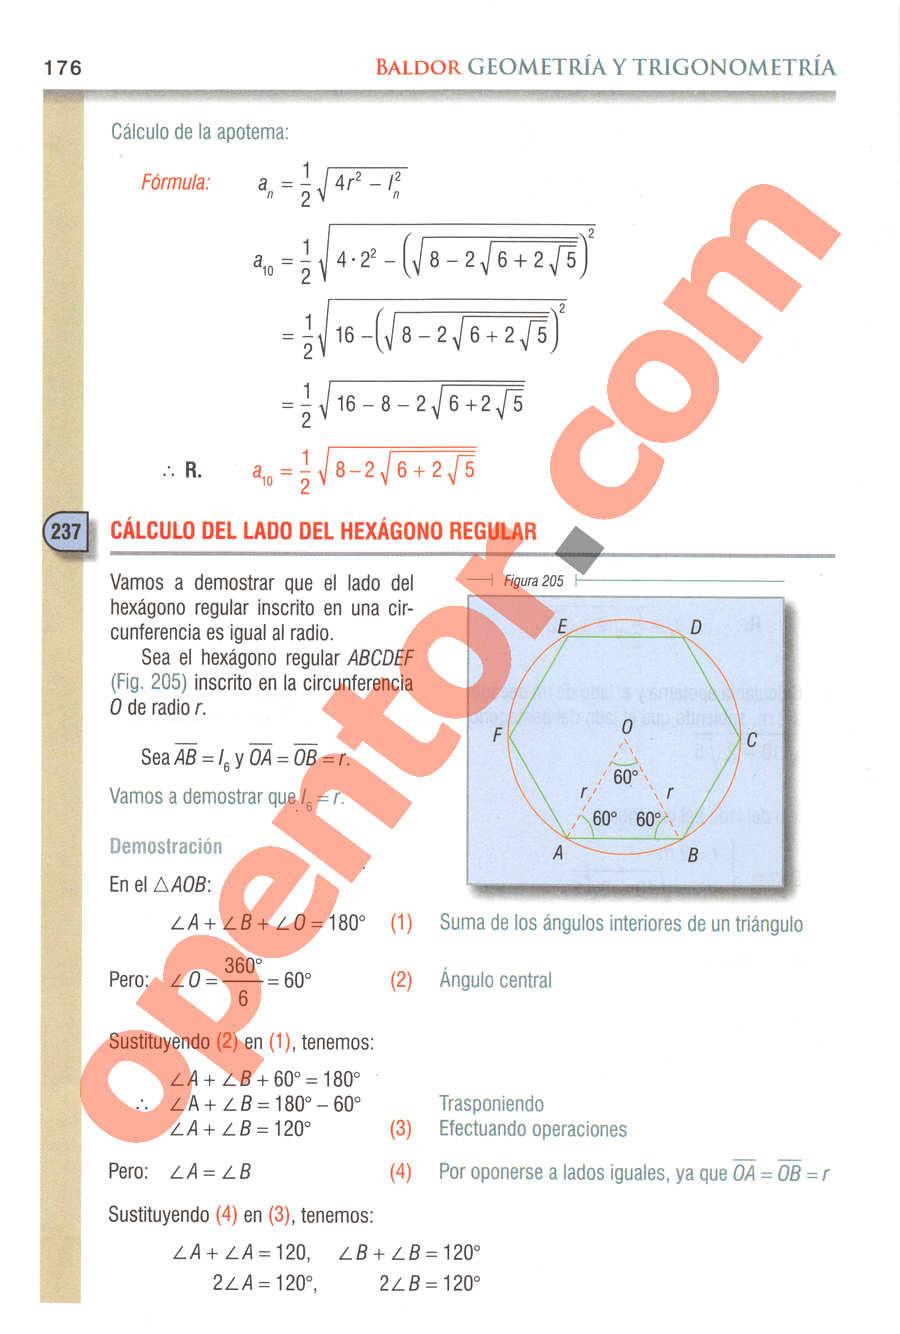 Geometría y Trigonometría de Baldor - Página 176